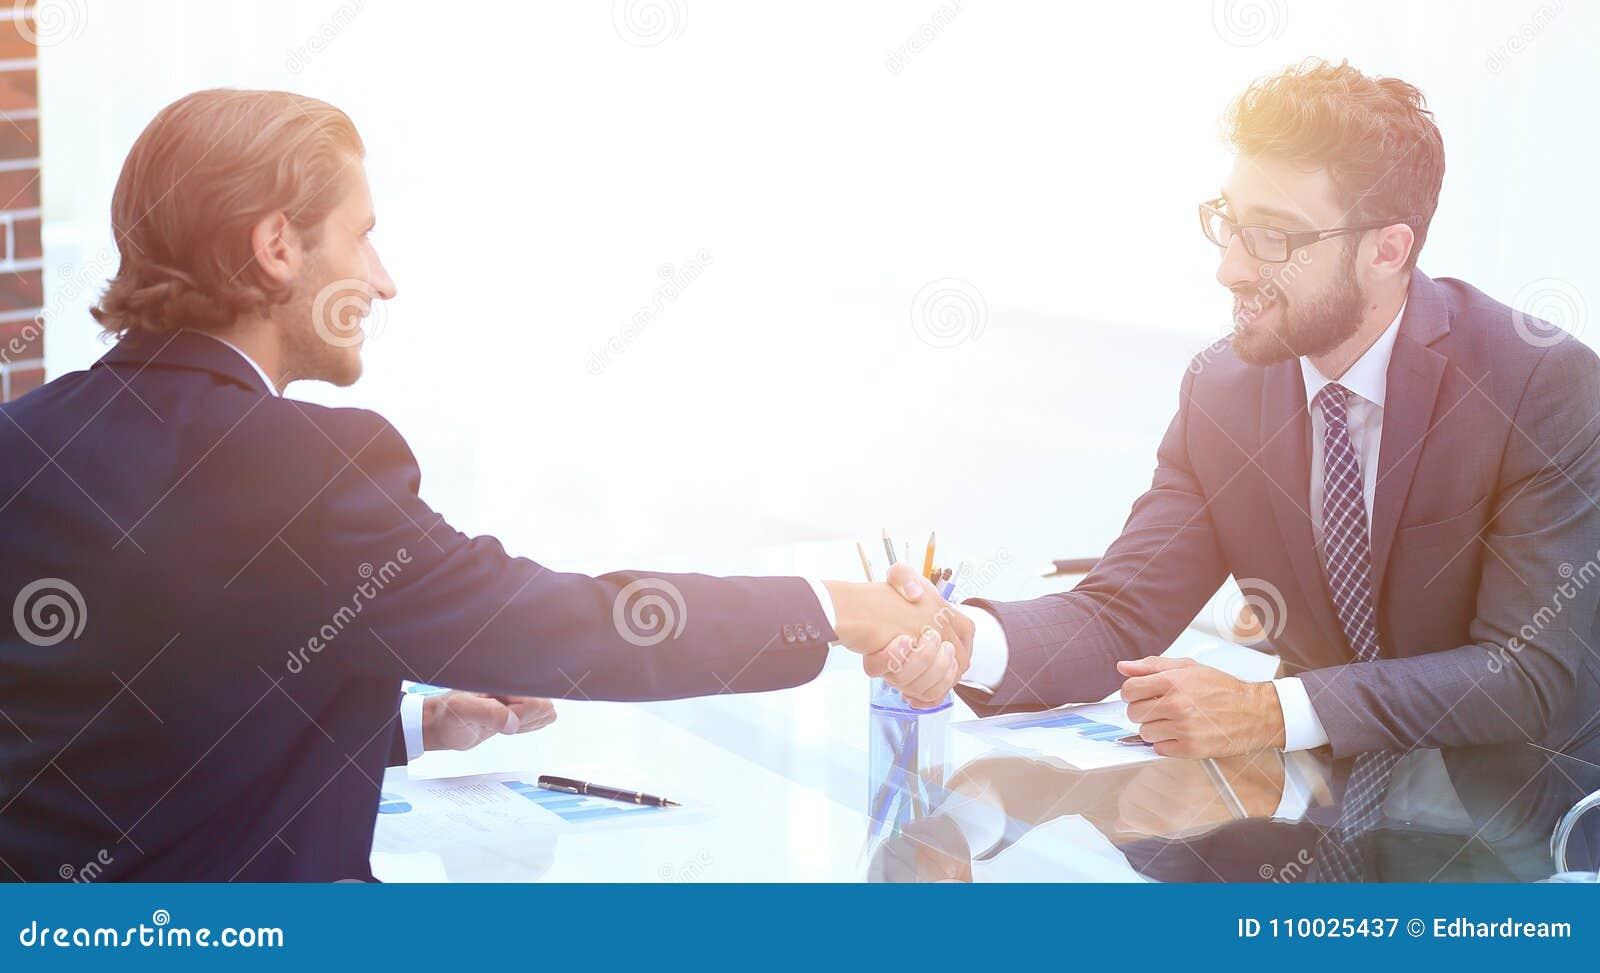 Handdruk van partners die bij hun Bureau zitten